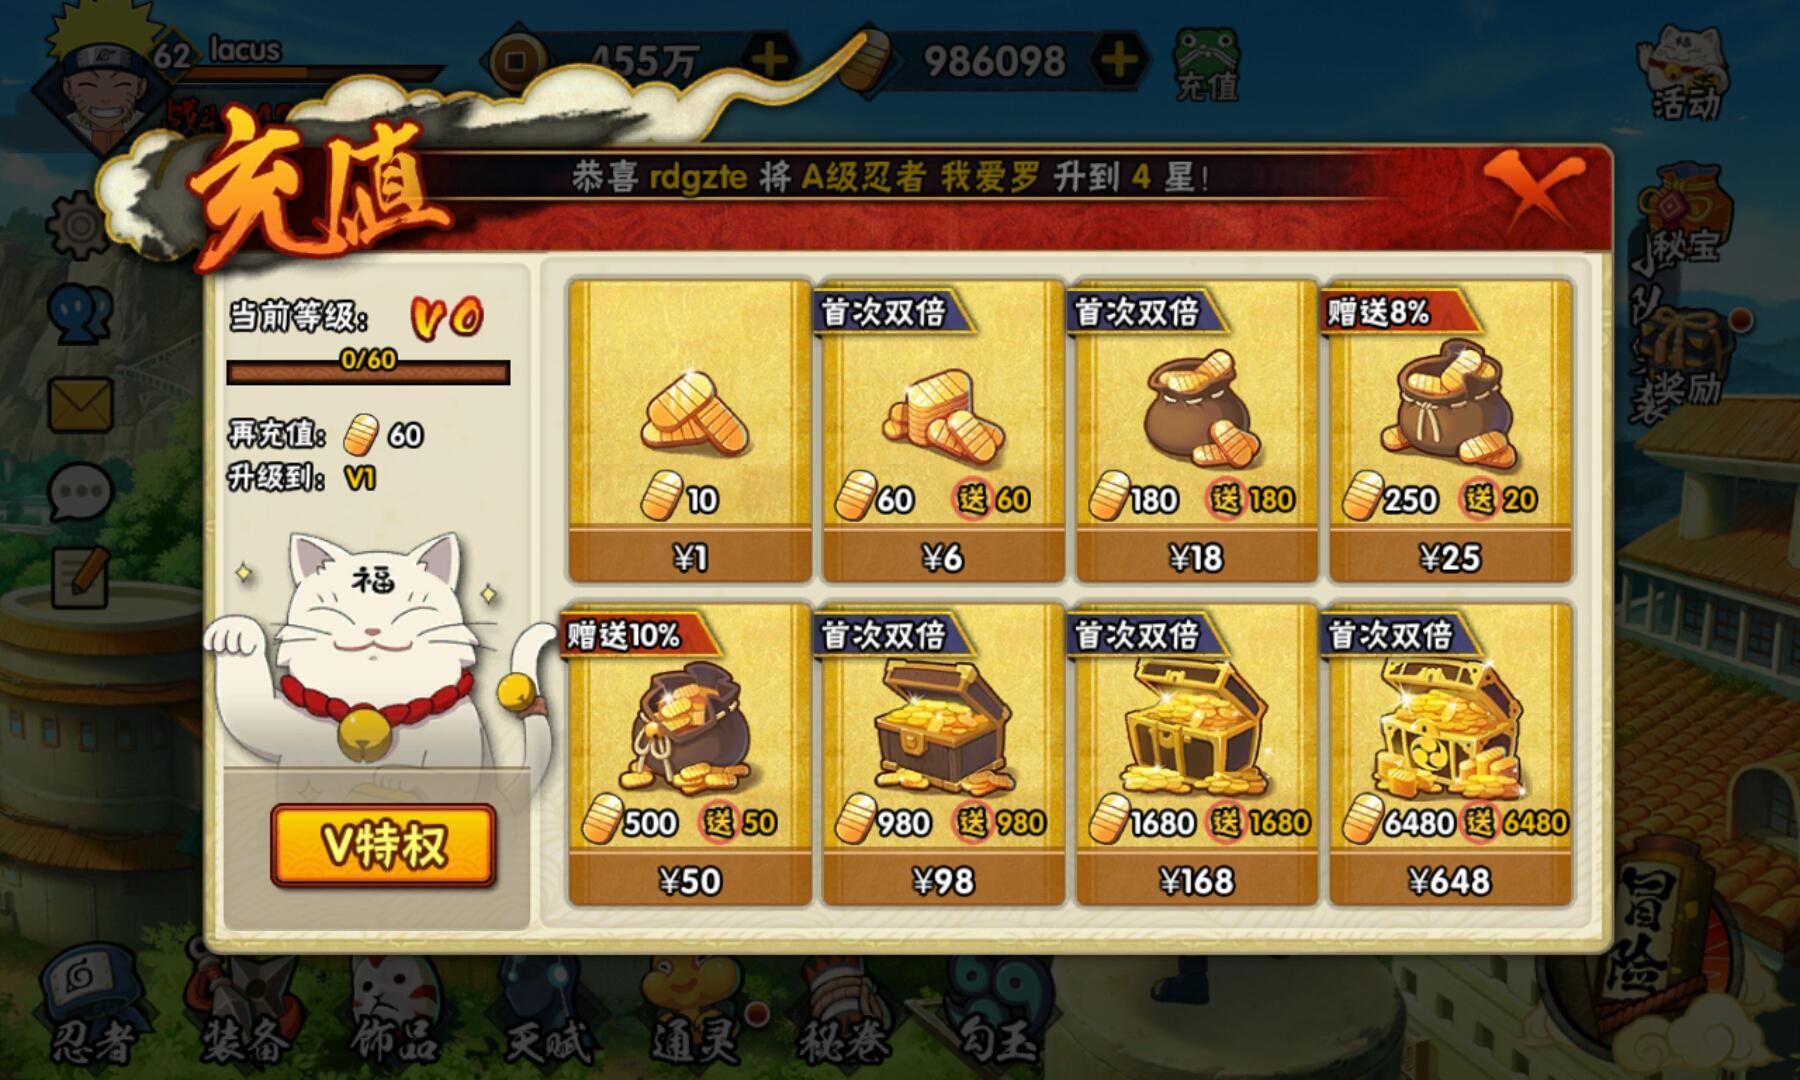 游戏充值界面_一定要带够盘缠,除了日常的游戏可以获得金币和铜币外,充值是你最快的